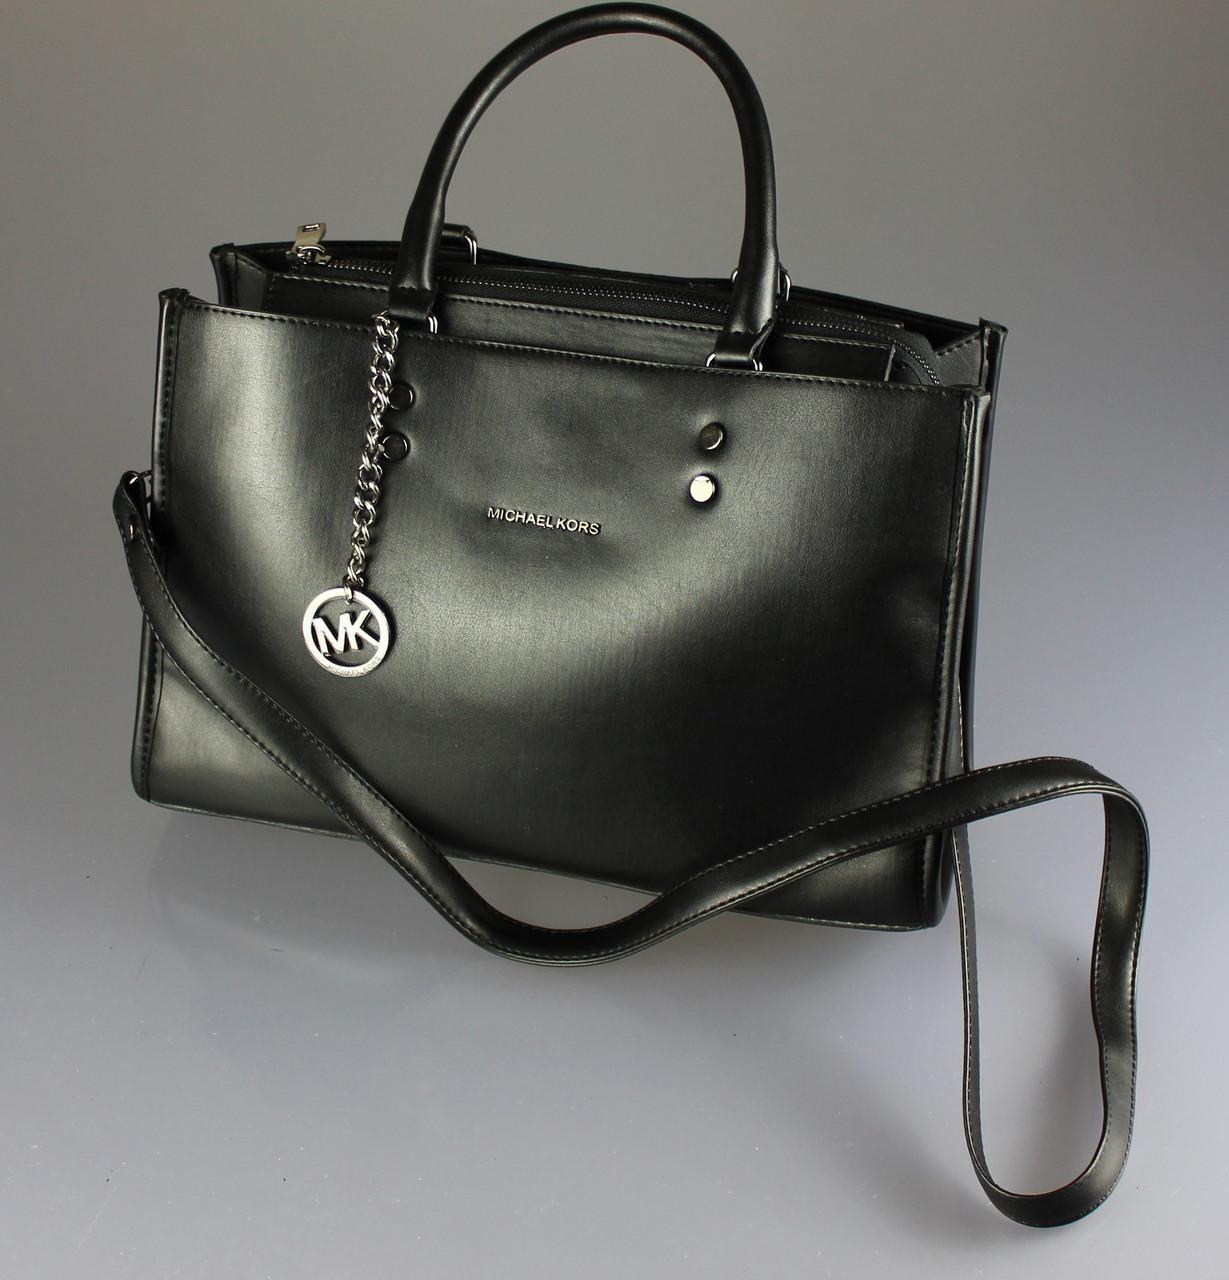 Женская сумка Michael Kors оптом.  есть коричневый,кремовый,розовый ... 3e752a73aec